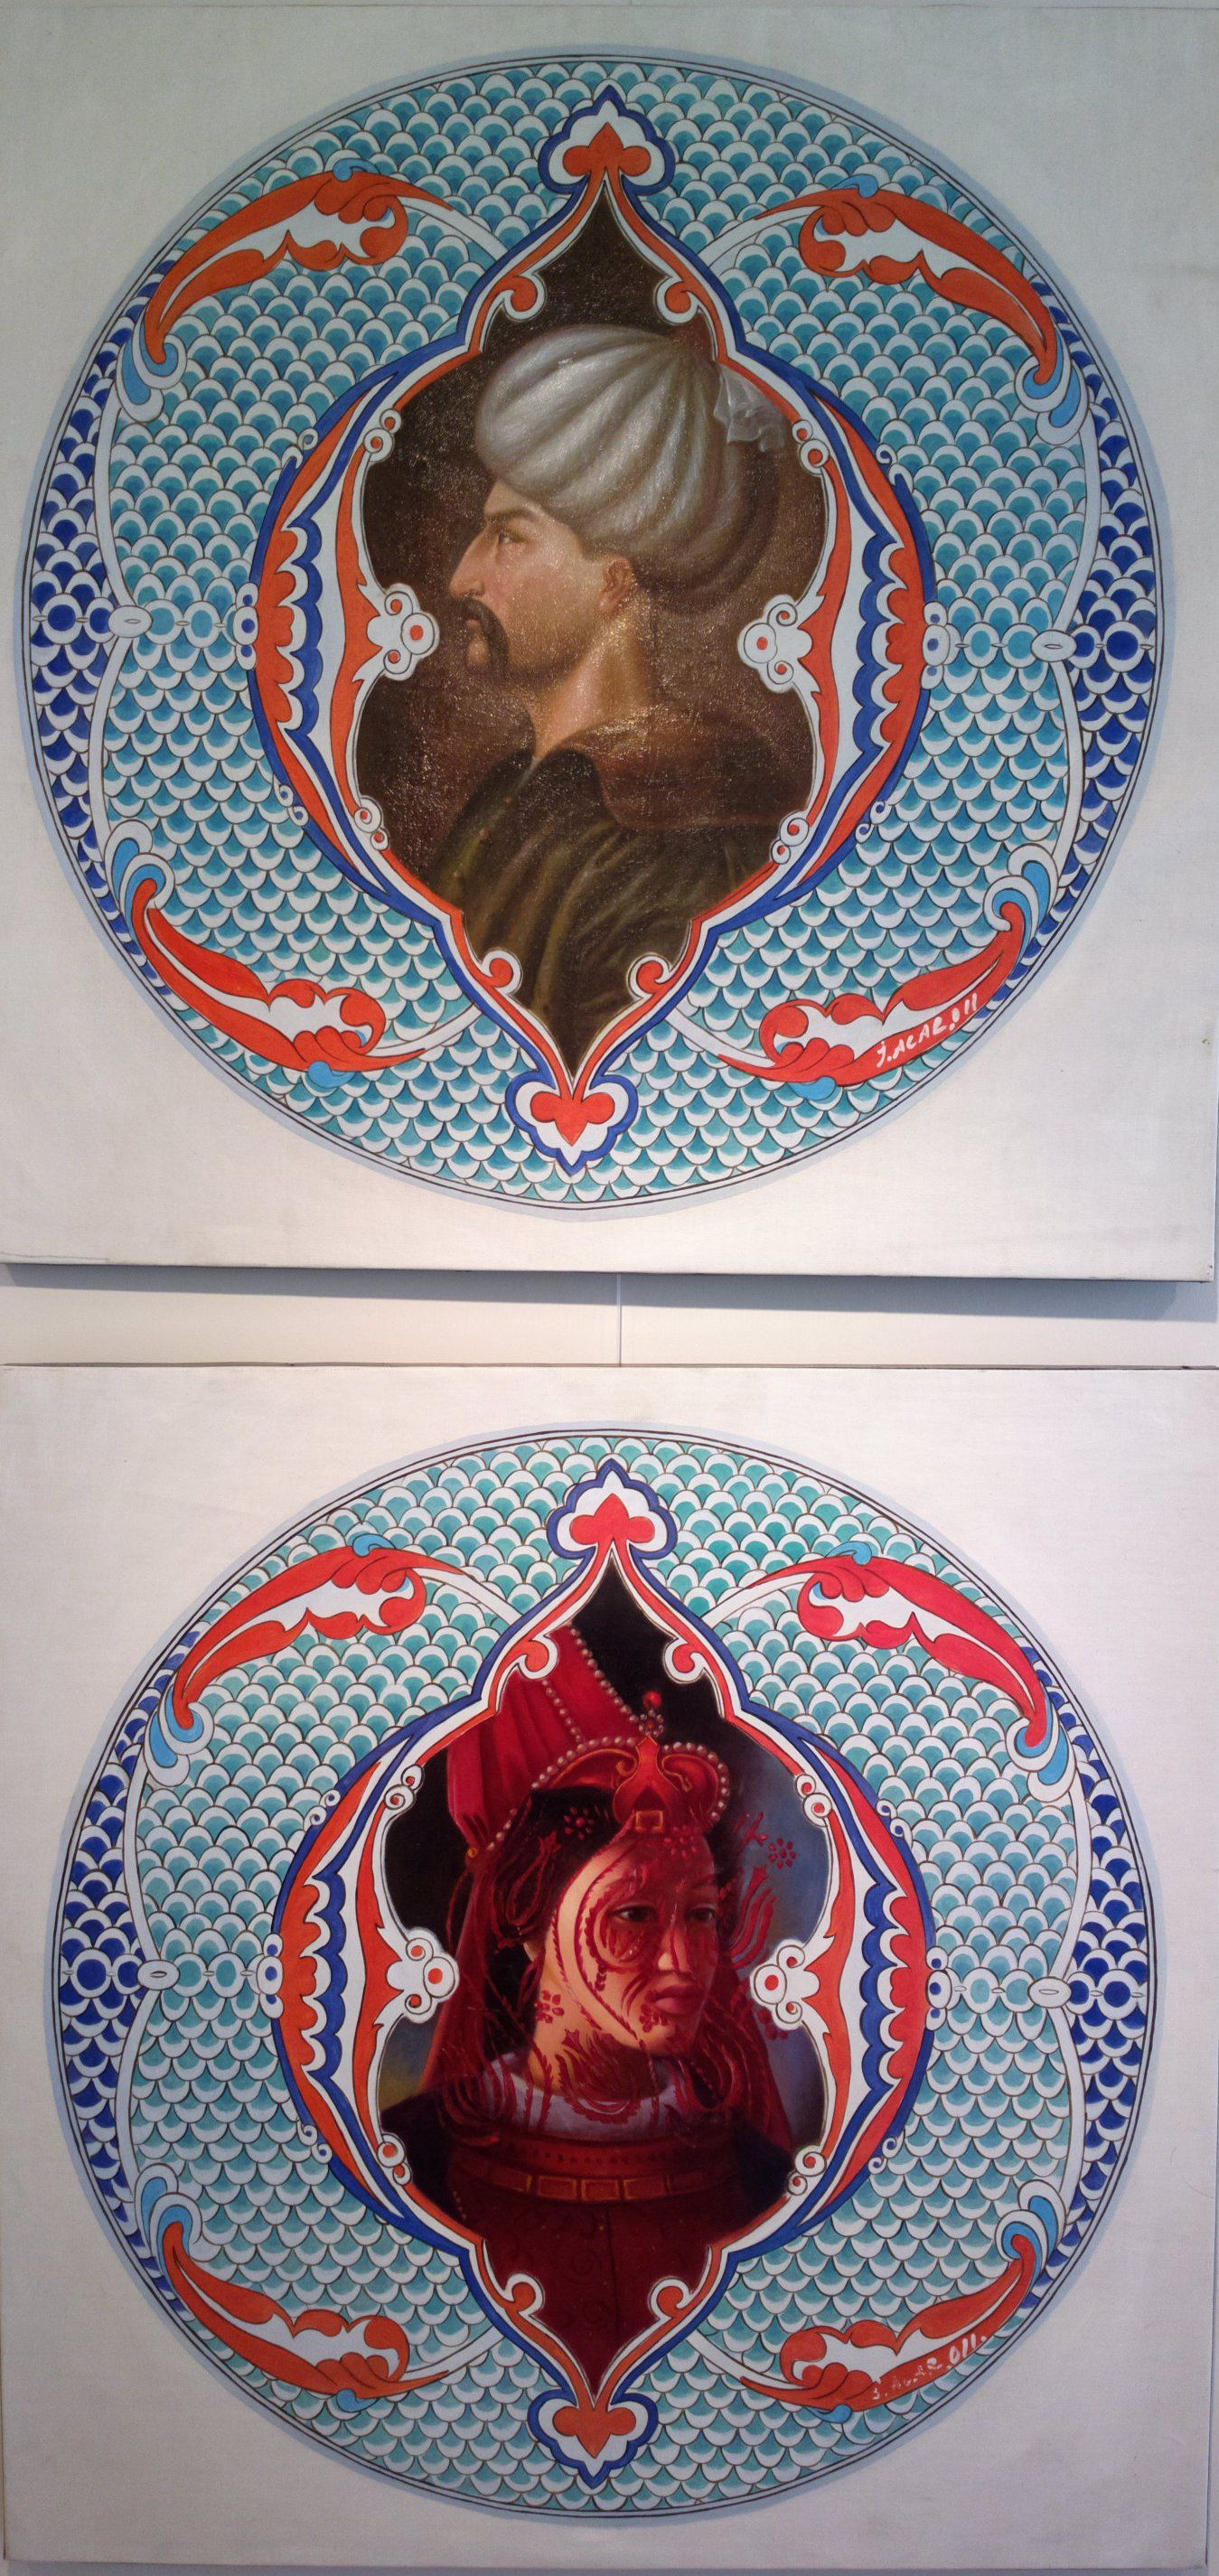 İsmail Acar (Görüntüler ile) Sanat, Minyatürler, Resimler